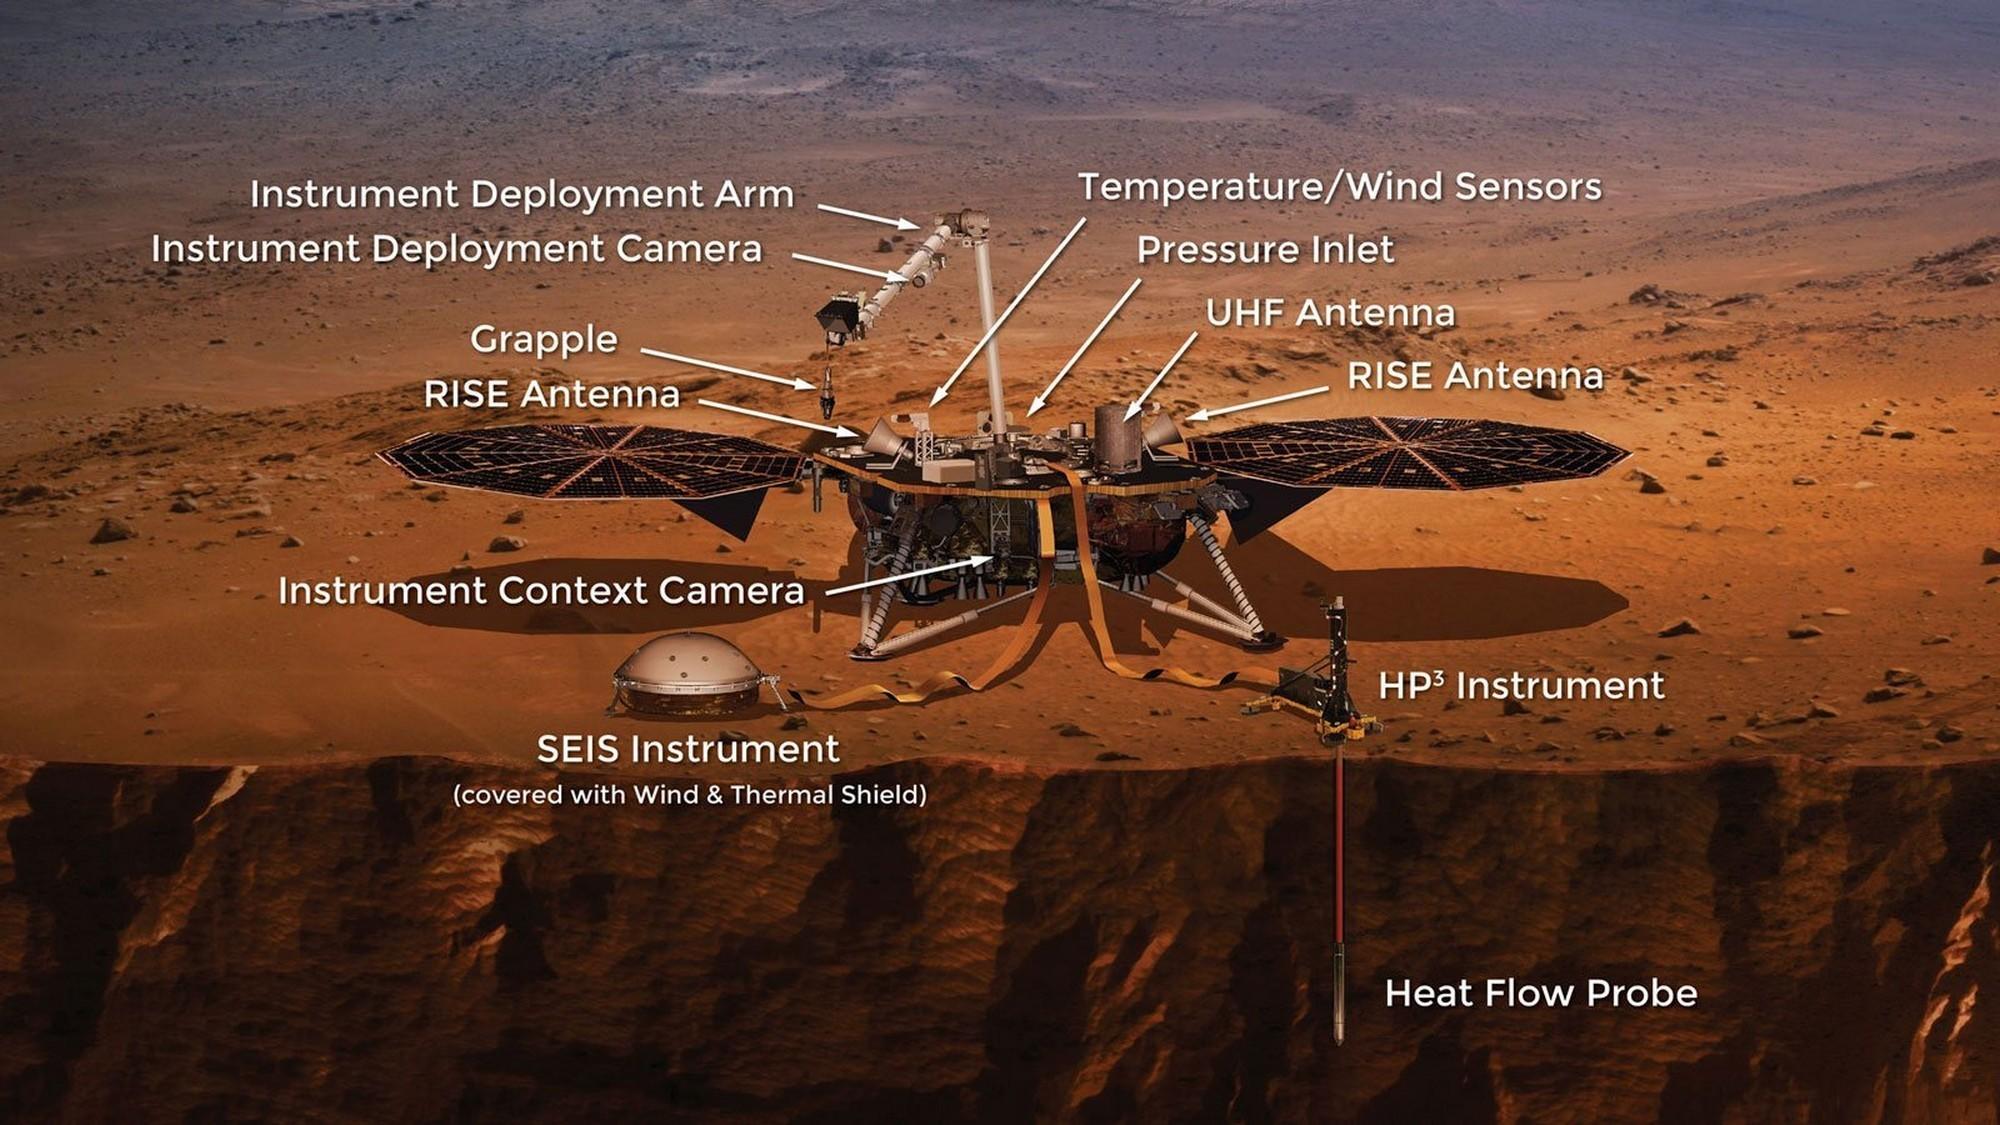 Nasa lancia nuova missione per Marte: InSight studierà terremoti